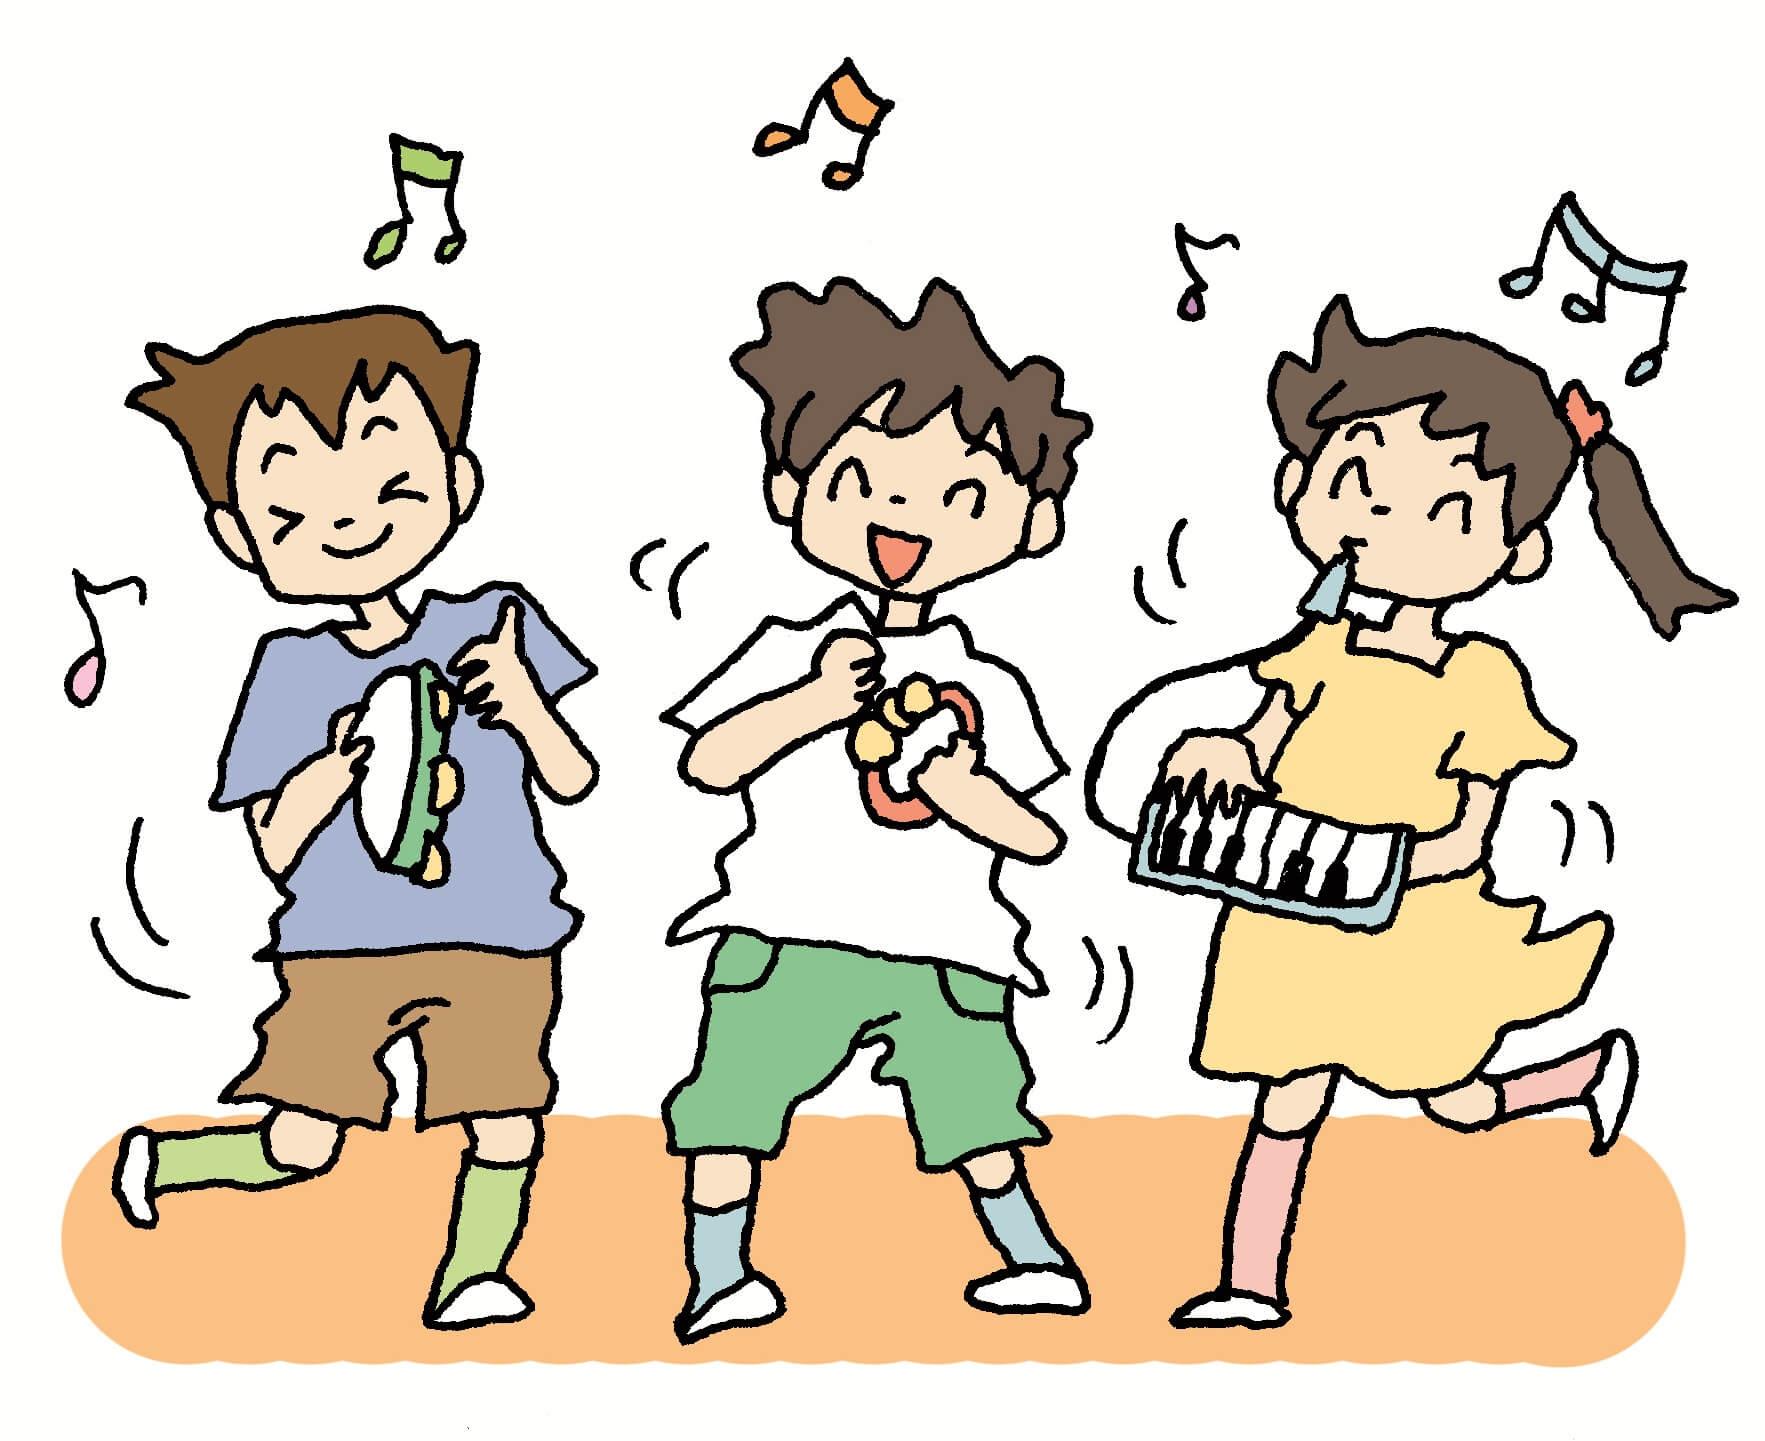 「ルールを決めて、考えながら遊ぶ」のと、「楽しく、いろんな楽器を弾く」のと、どっちが好き?_006_02